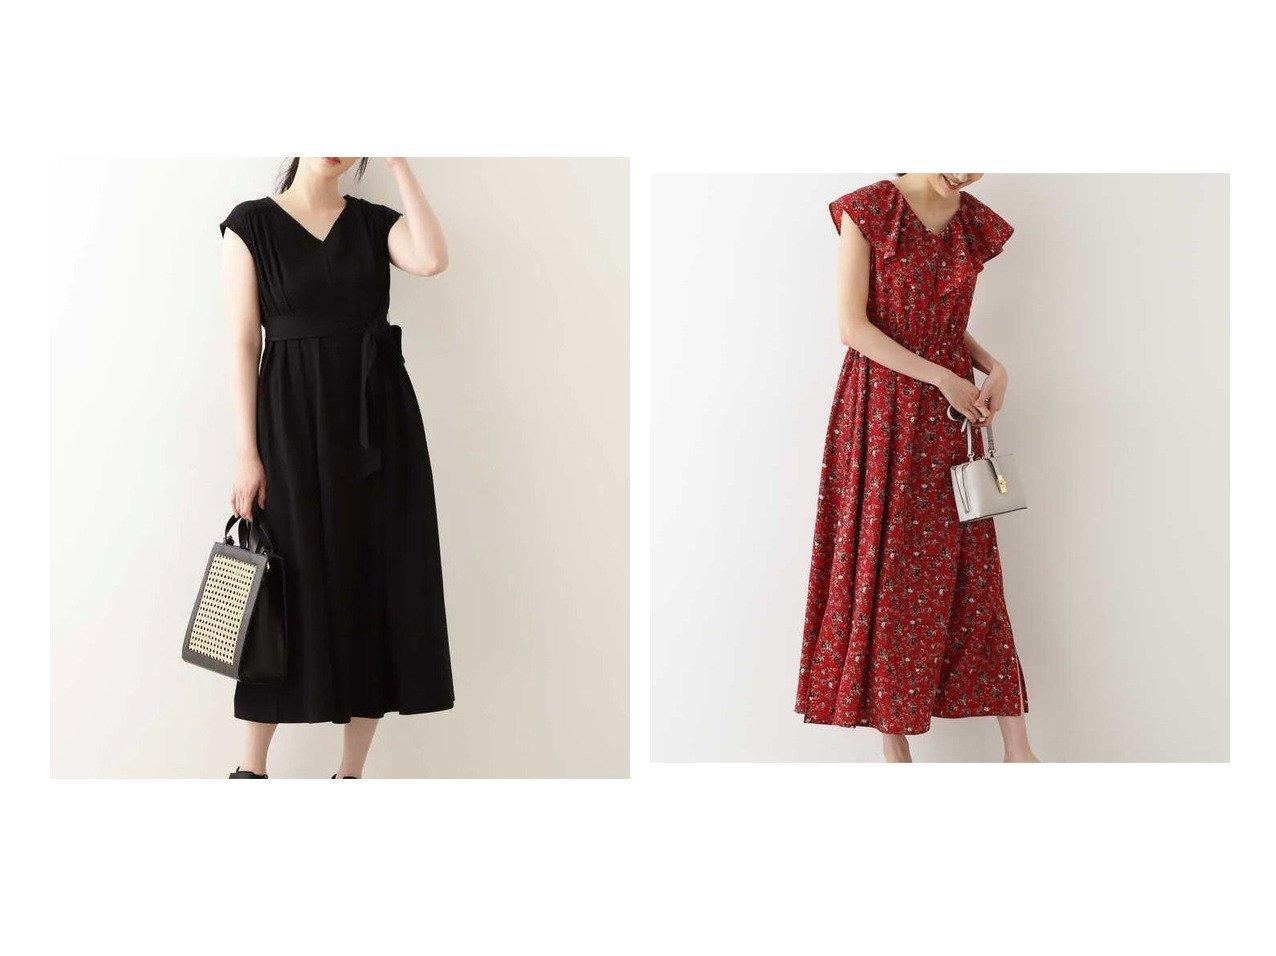 【NATURAL BEAUTY BASIC/ナチュラル ビューティー ベーシック】のオーガニックコットンカットフレアワンピース&ラッフルワンピース 【ワンピース・ドレス】おすすめ!人気、トレンド・レディースファッションの通販 おすすめで人気の流行・トレンド、ファッションの通販商品 インテリア・家具・メンズファッション・キッズファッション・レディースファッション・服の通販 founy(ファニー) https://founy.com/ ファッション Fashion レディースファッション WOMEN ワンピース Dress フレア リボン リラックス |ID:crp329100000056887